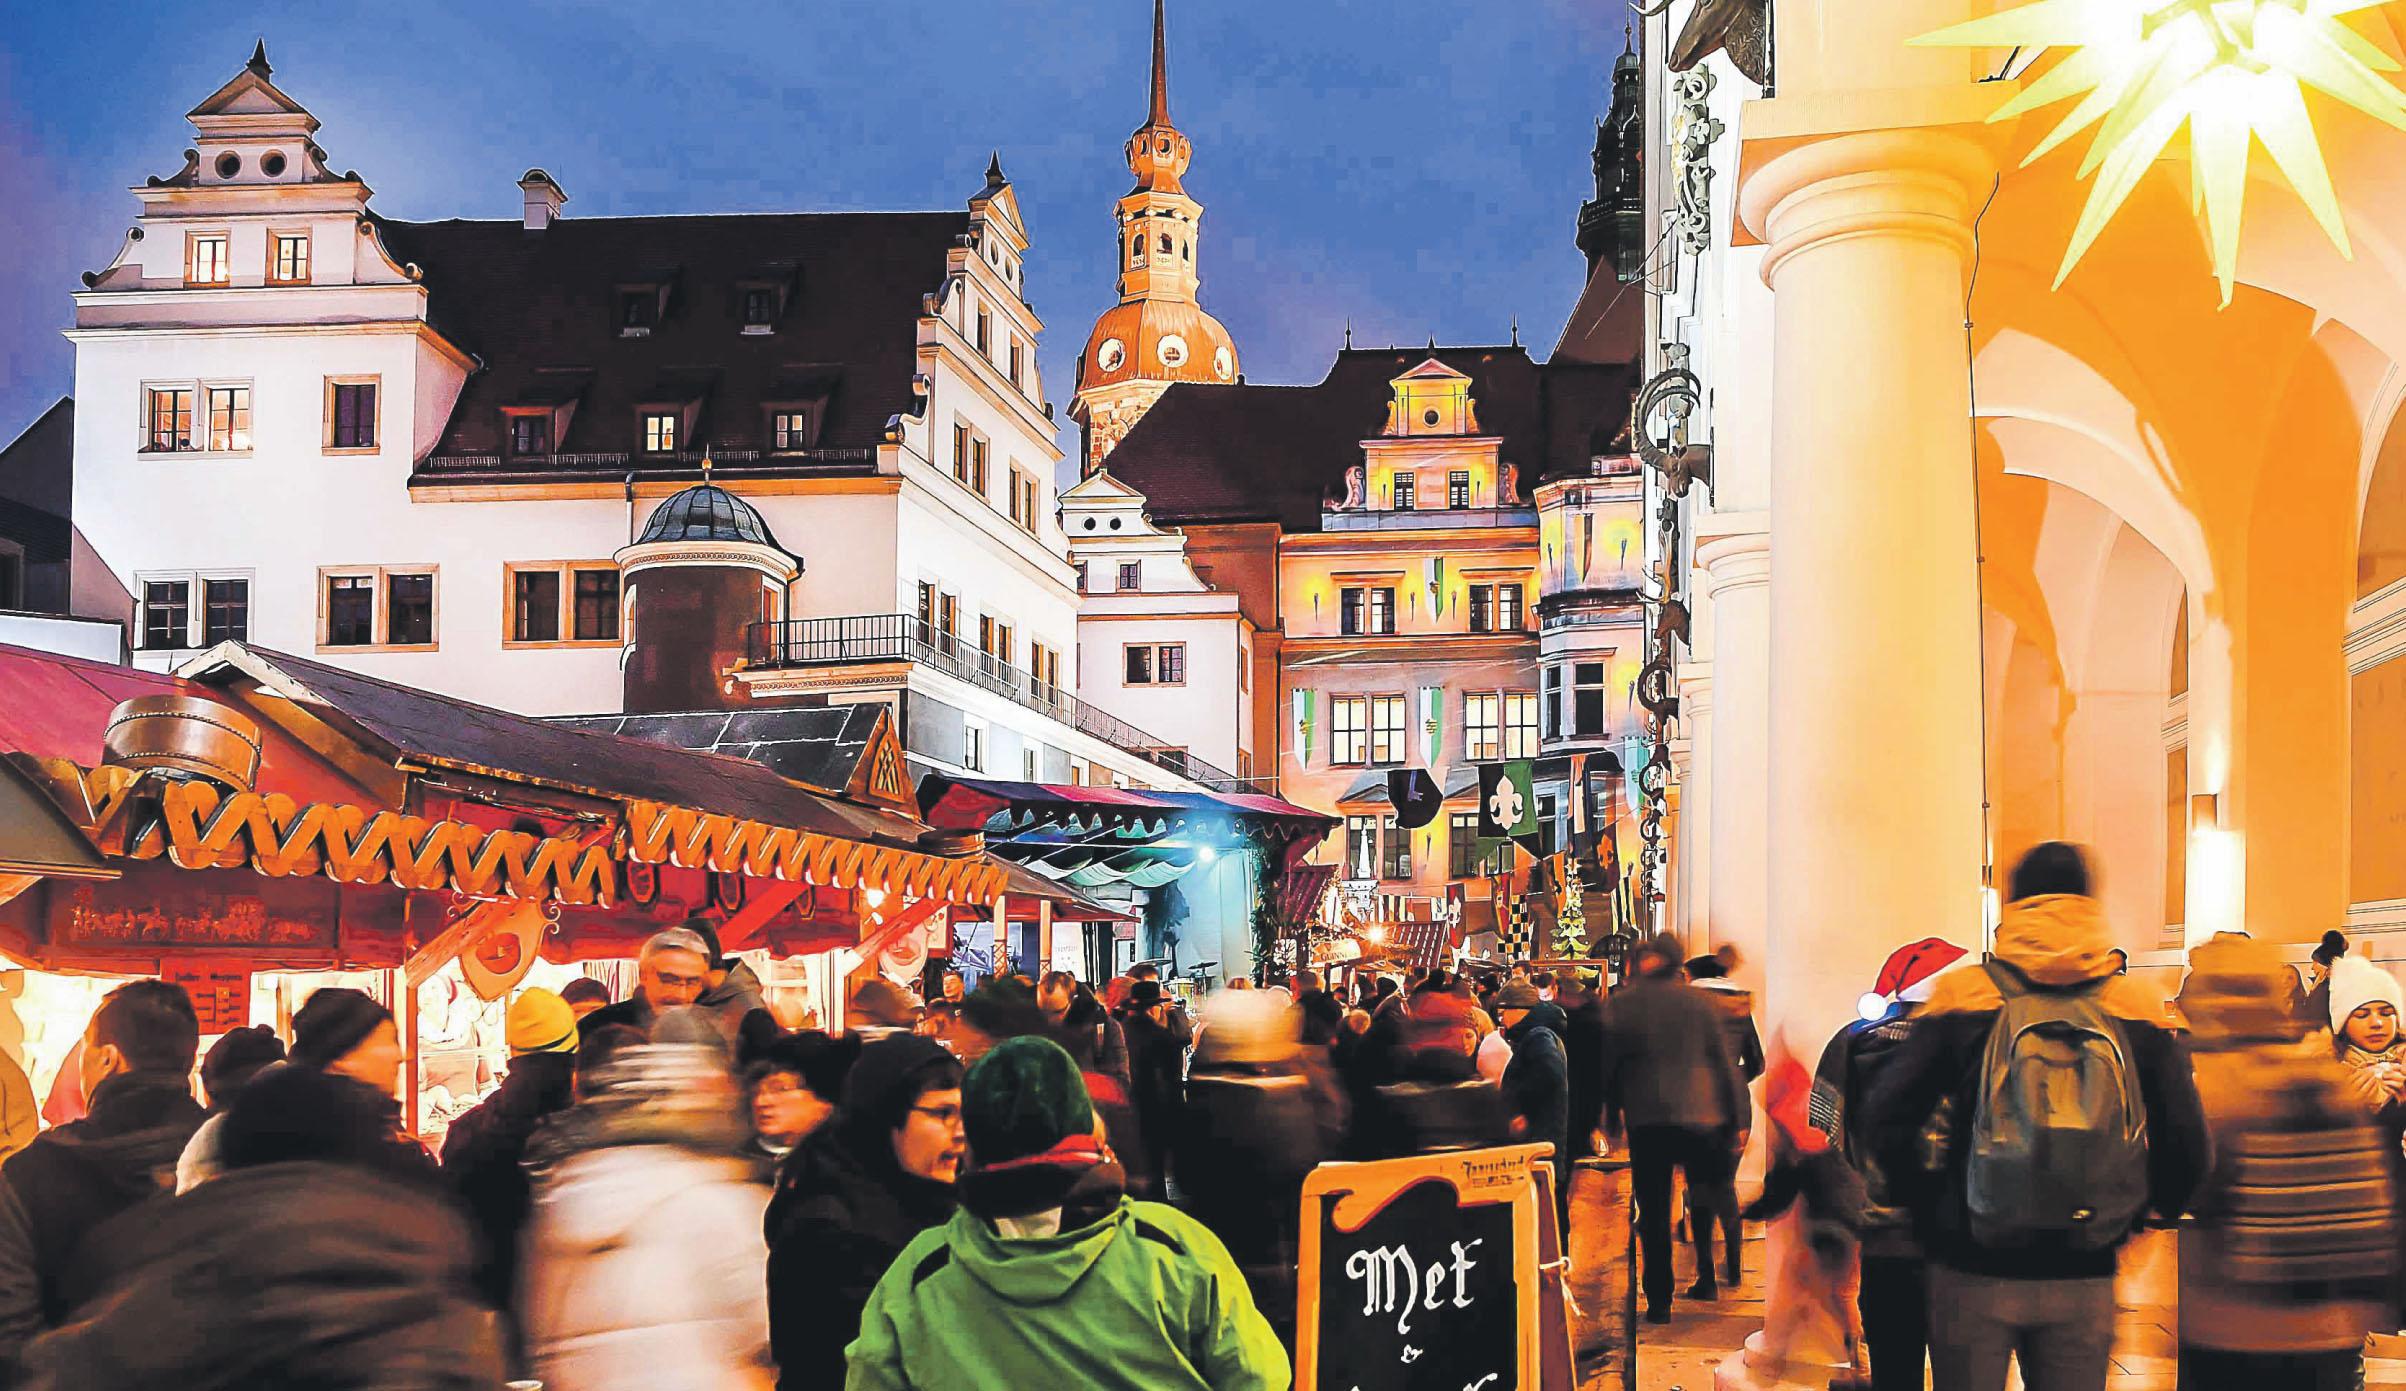 Der Stallhof des Dresdner Schlosses bildet die Kulisse der MittelalterWeihnacht, die jeden Winter fast 500.000 Besucher anzieht